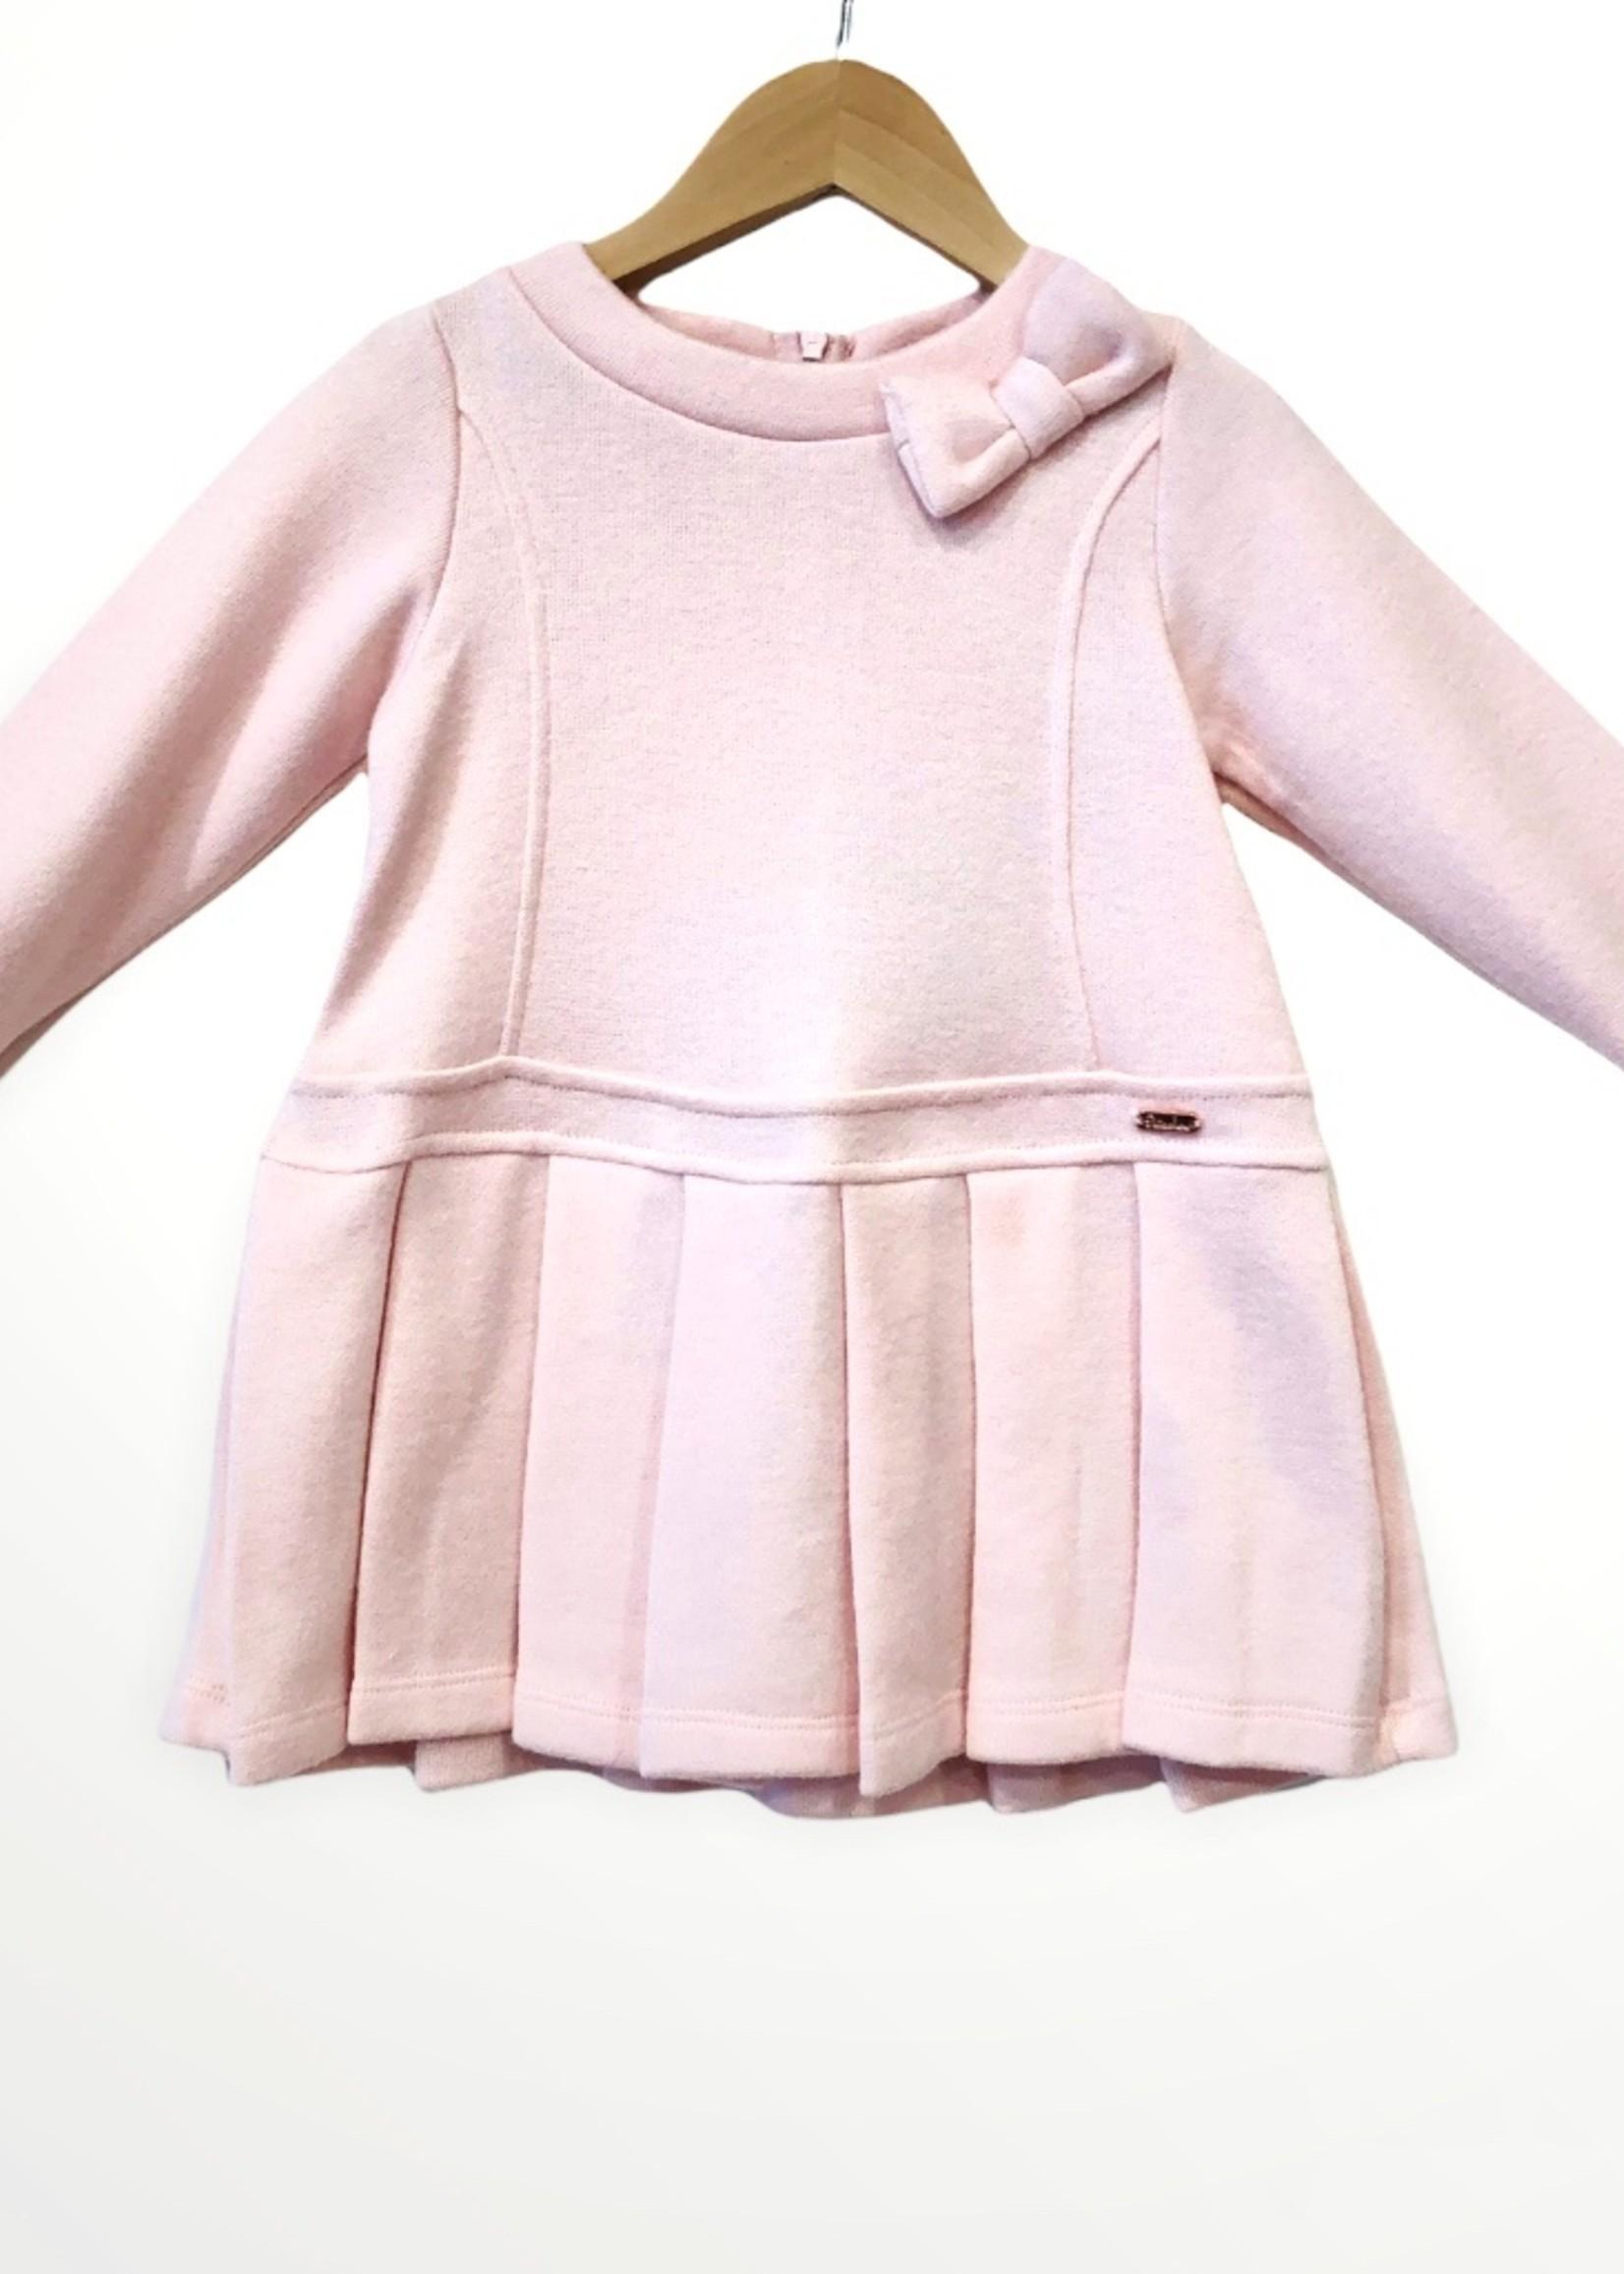 Patachou Patachou-AW21 3333408 Dress